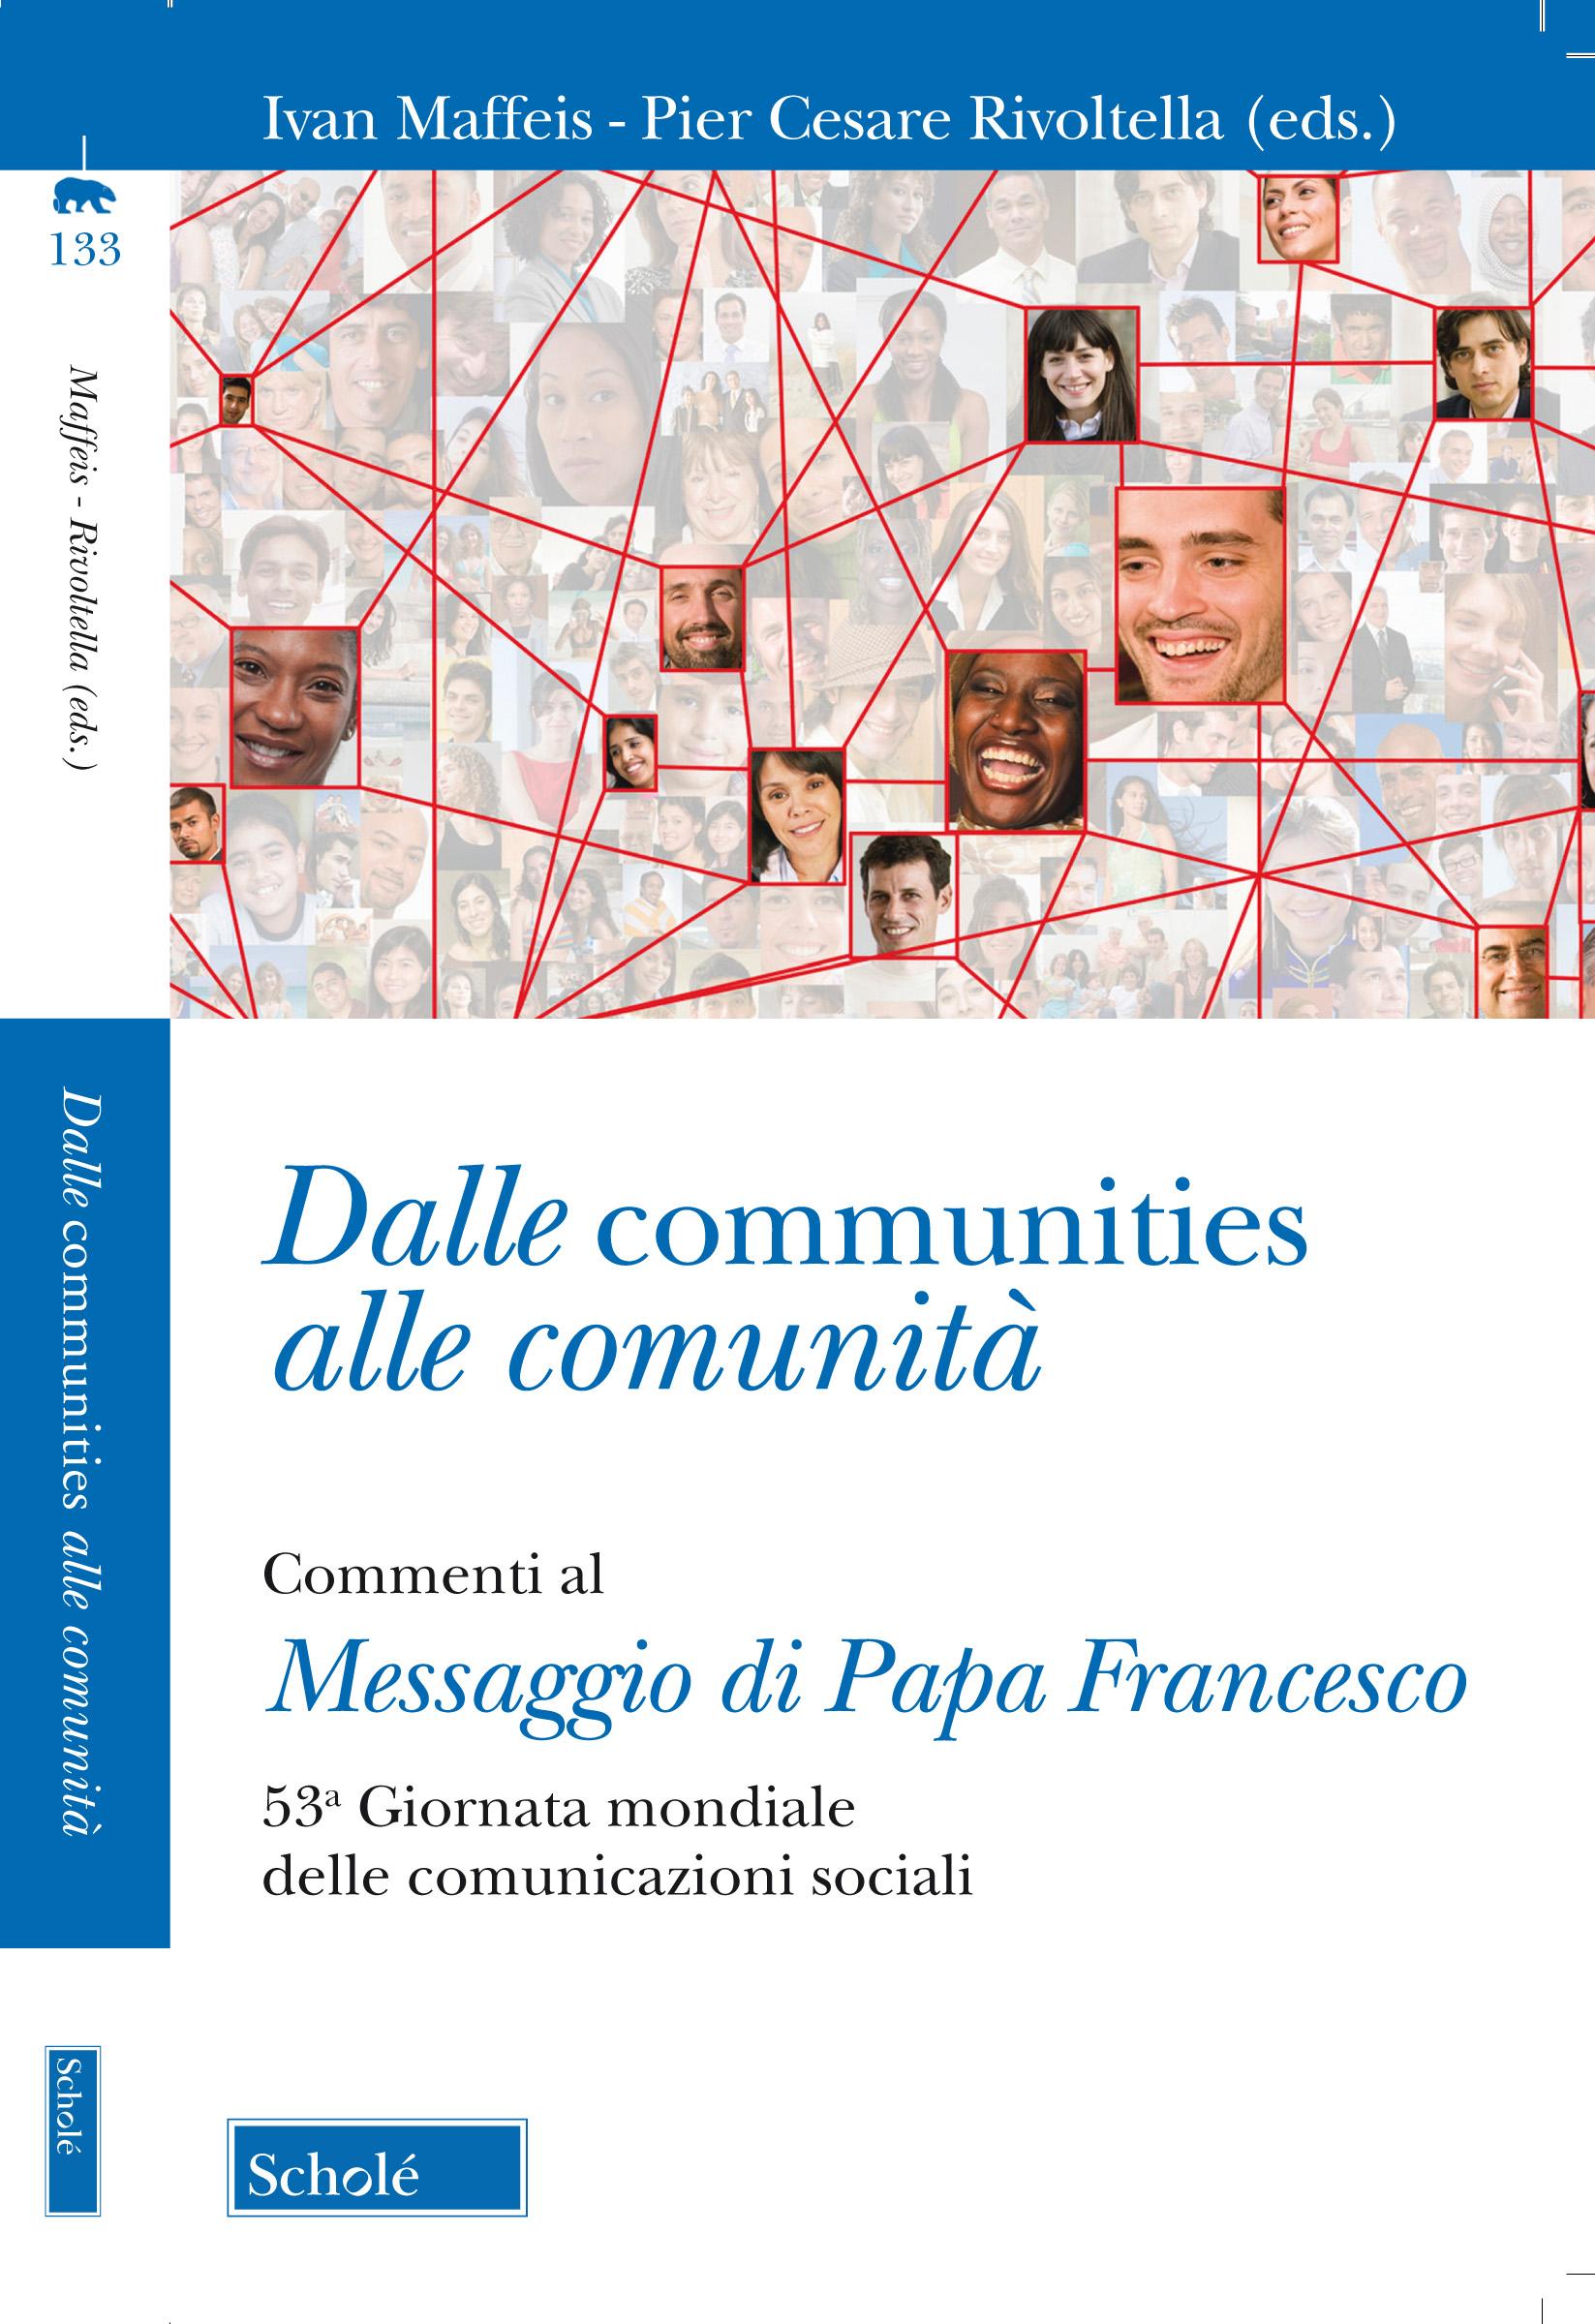 Dalle communities alle comunità